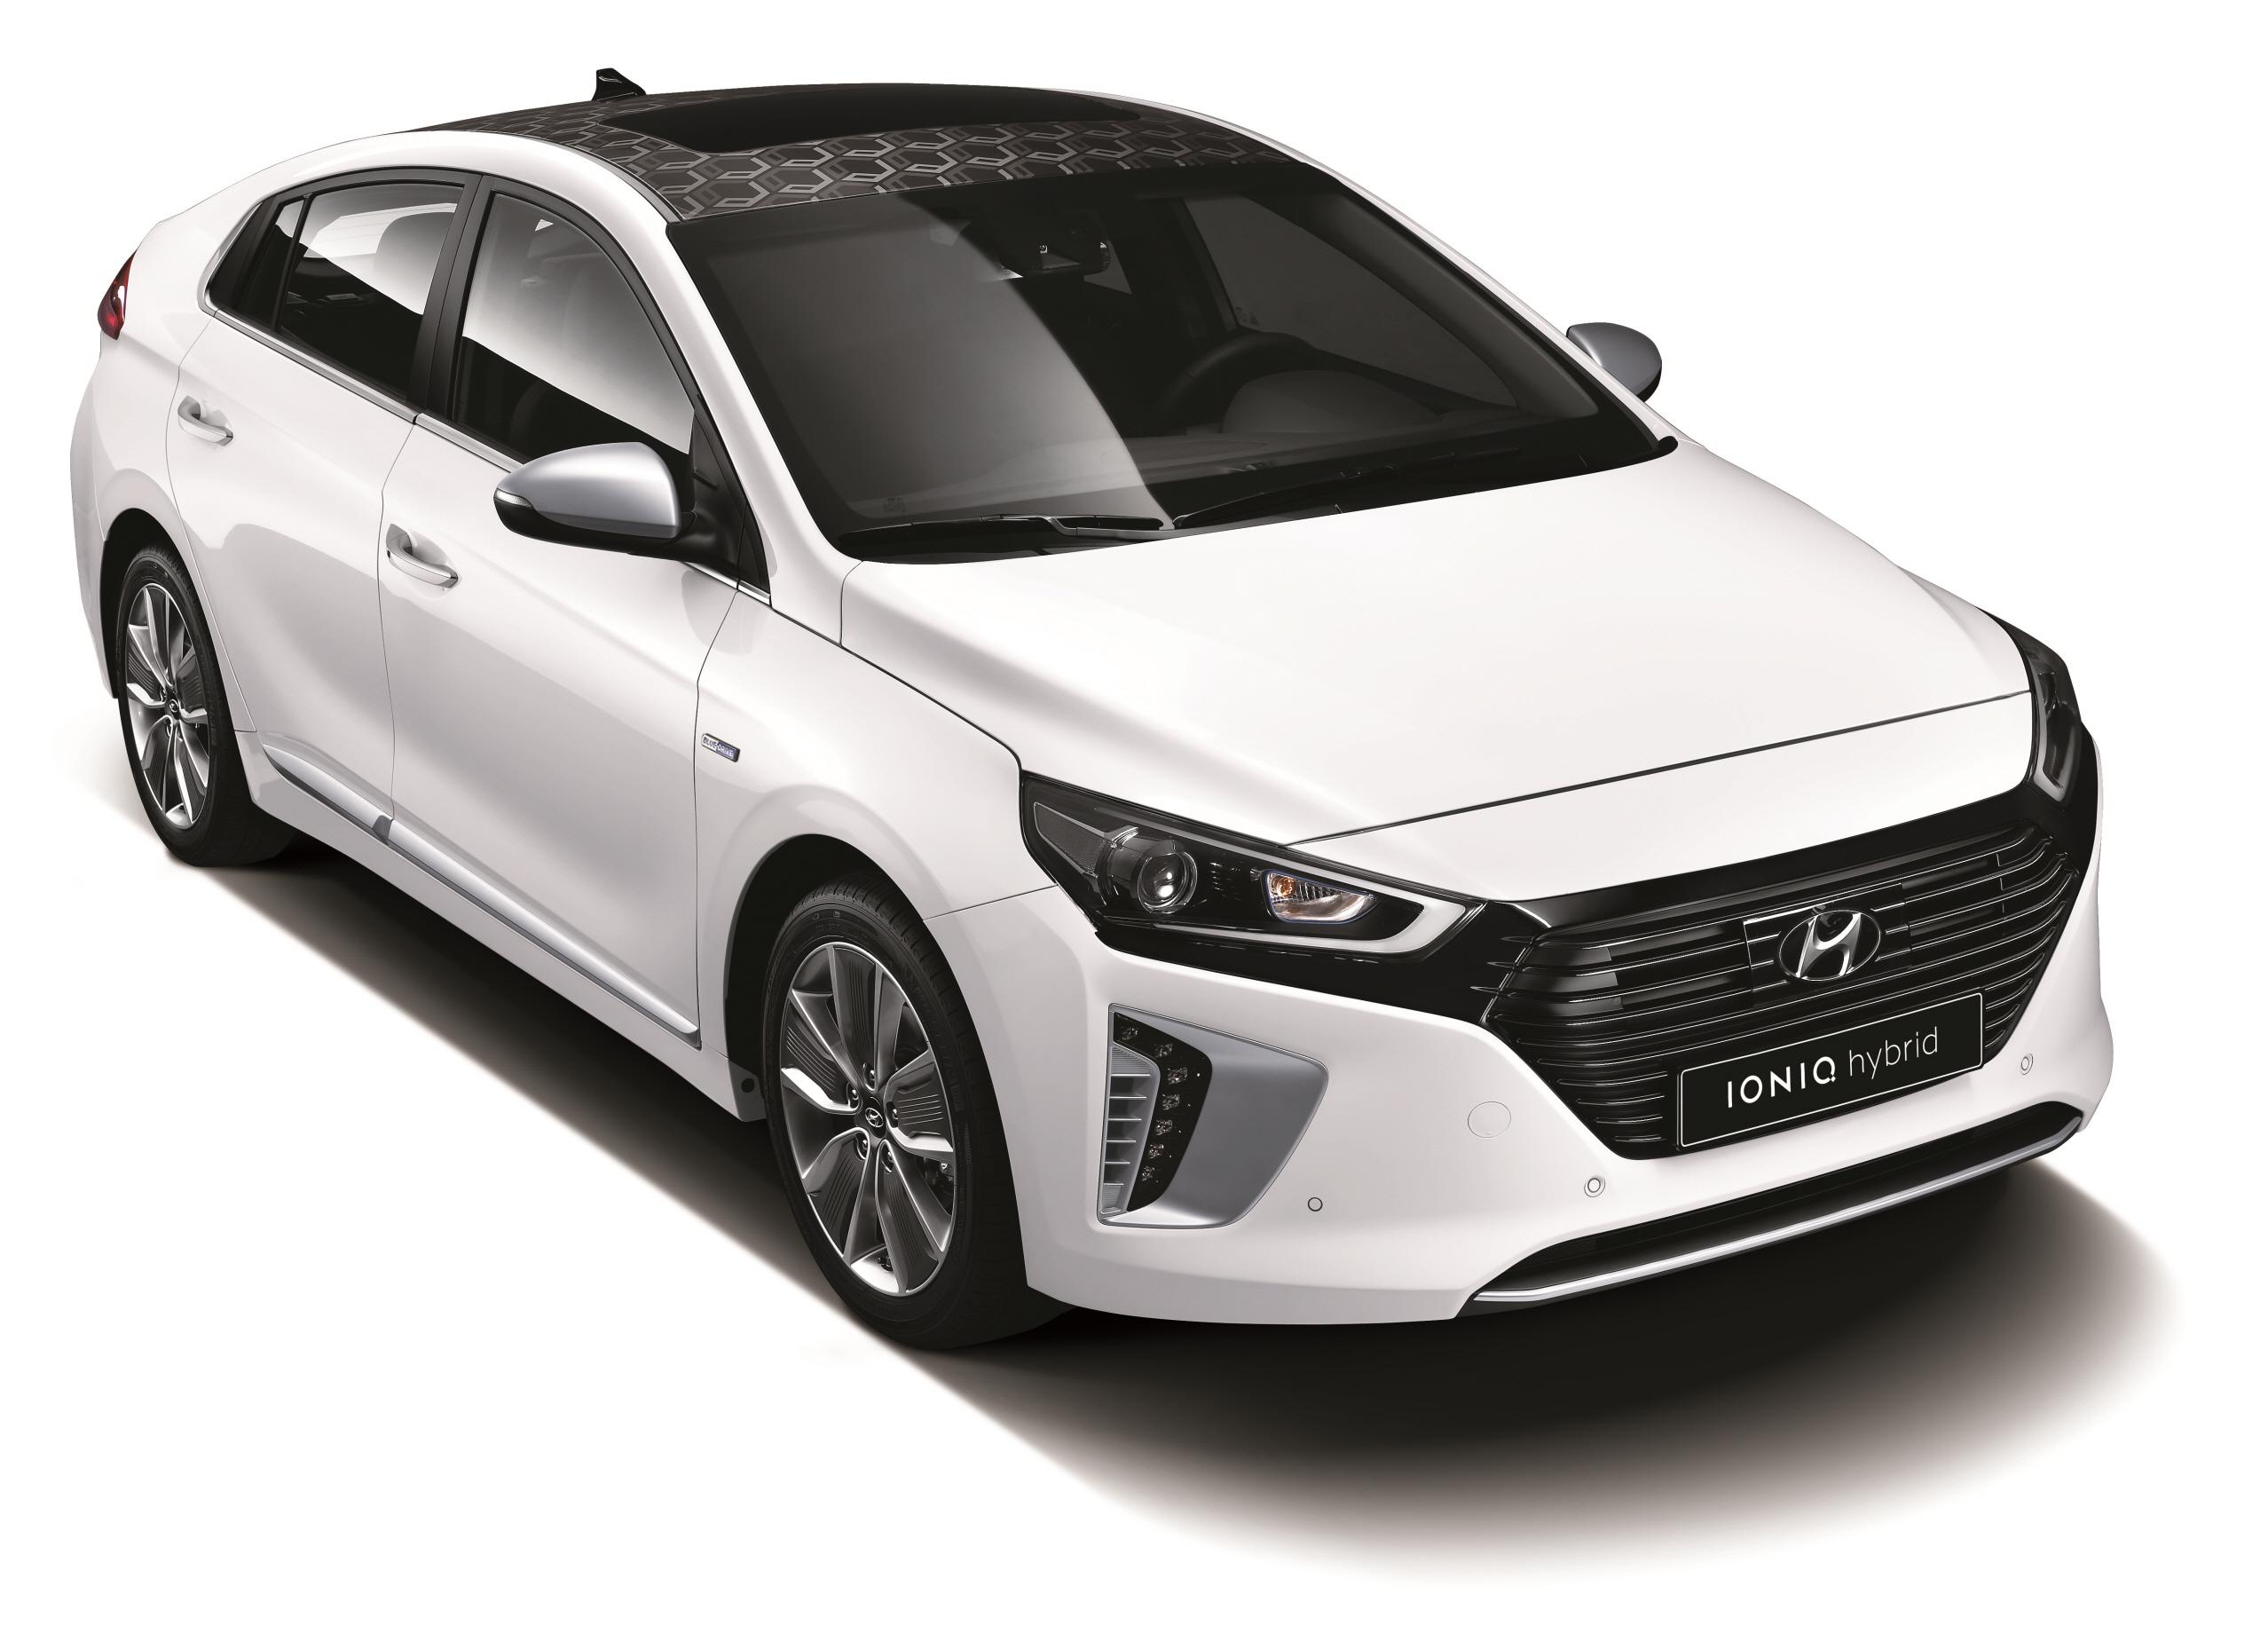 Hyundai IONIQ, Not Your Regular Hybrid